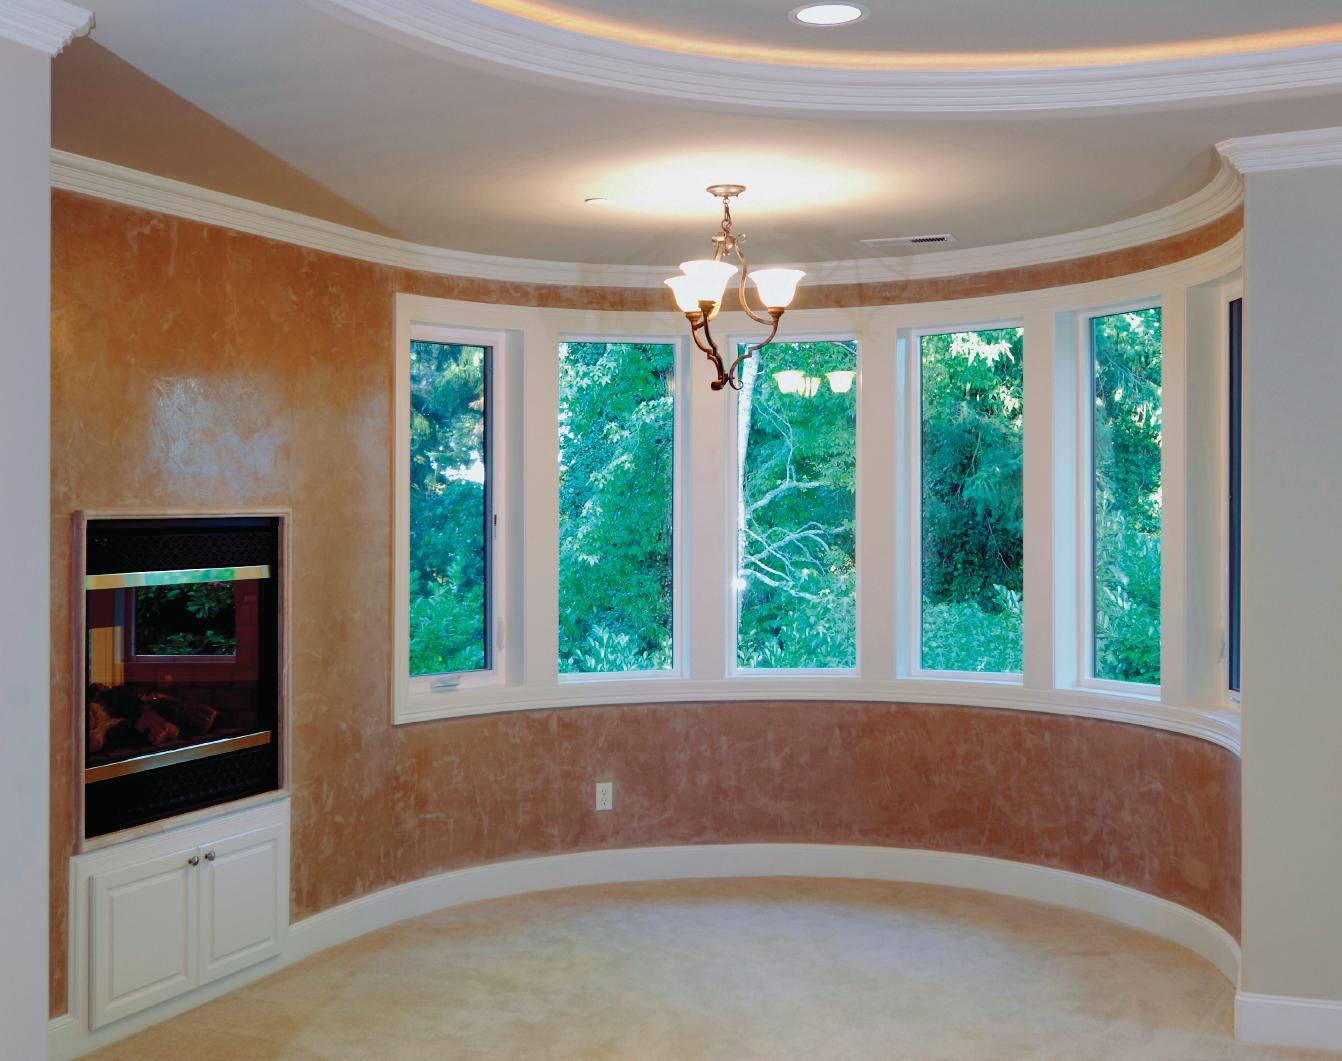 Zago trim ez interior trim remodeling interiors for Interior trim materials